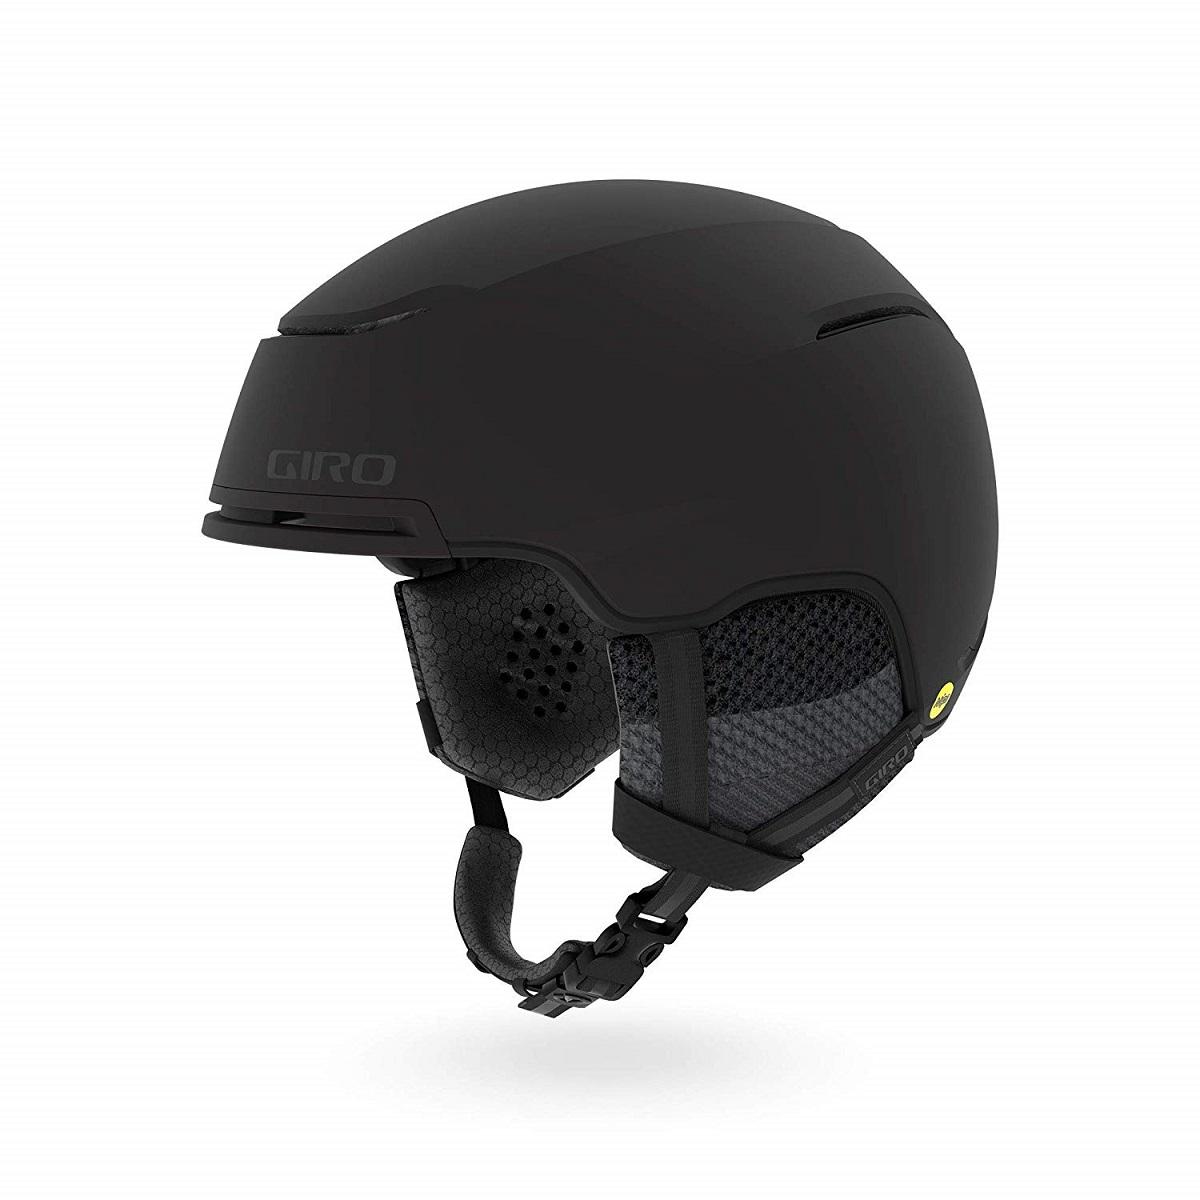 アウトレット GIRO(ジロ)2019 スキー ヘルメット Jackson MIPS(ジャクソン ミップス) マットブラック Mサイズ 7093734